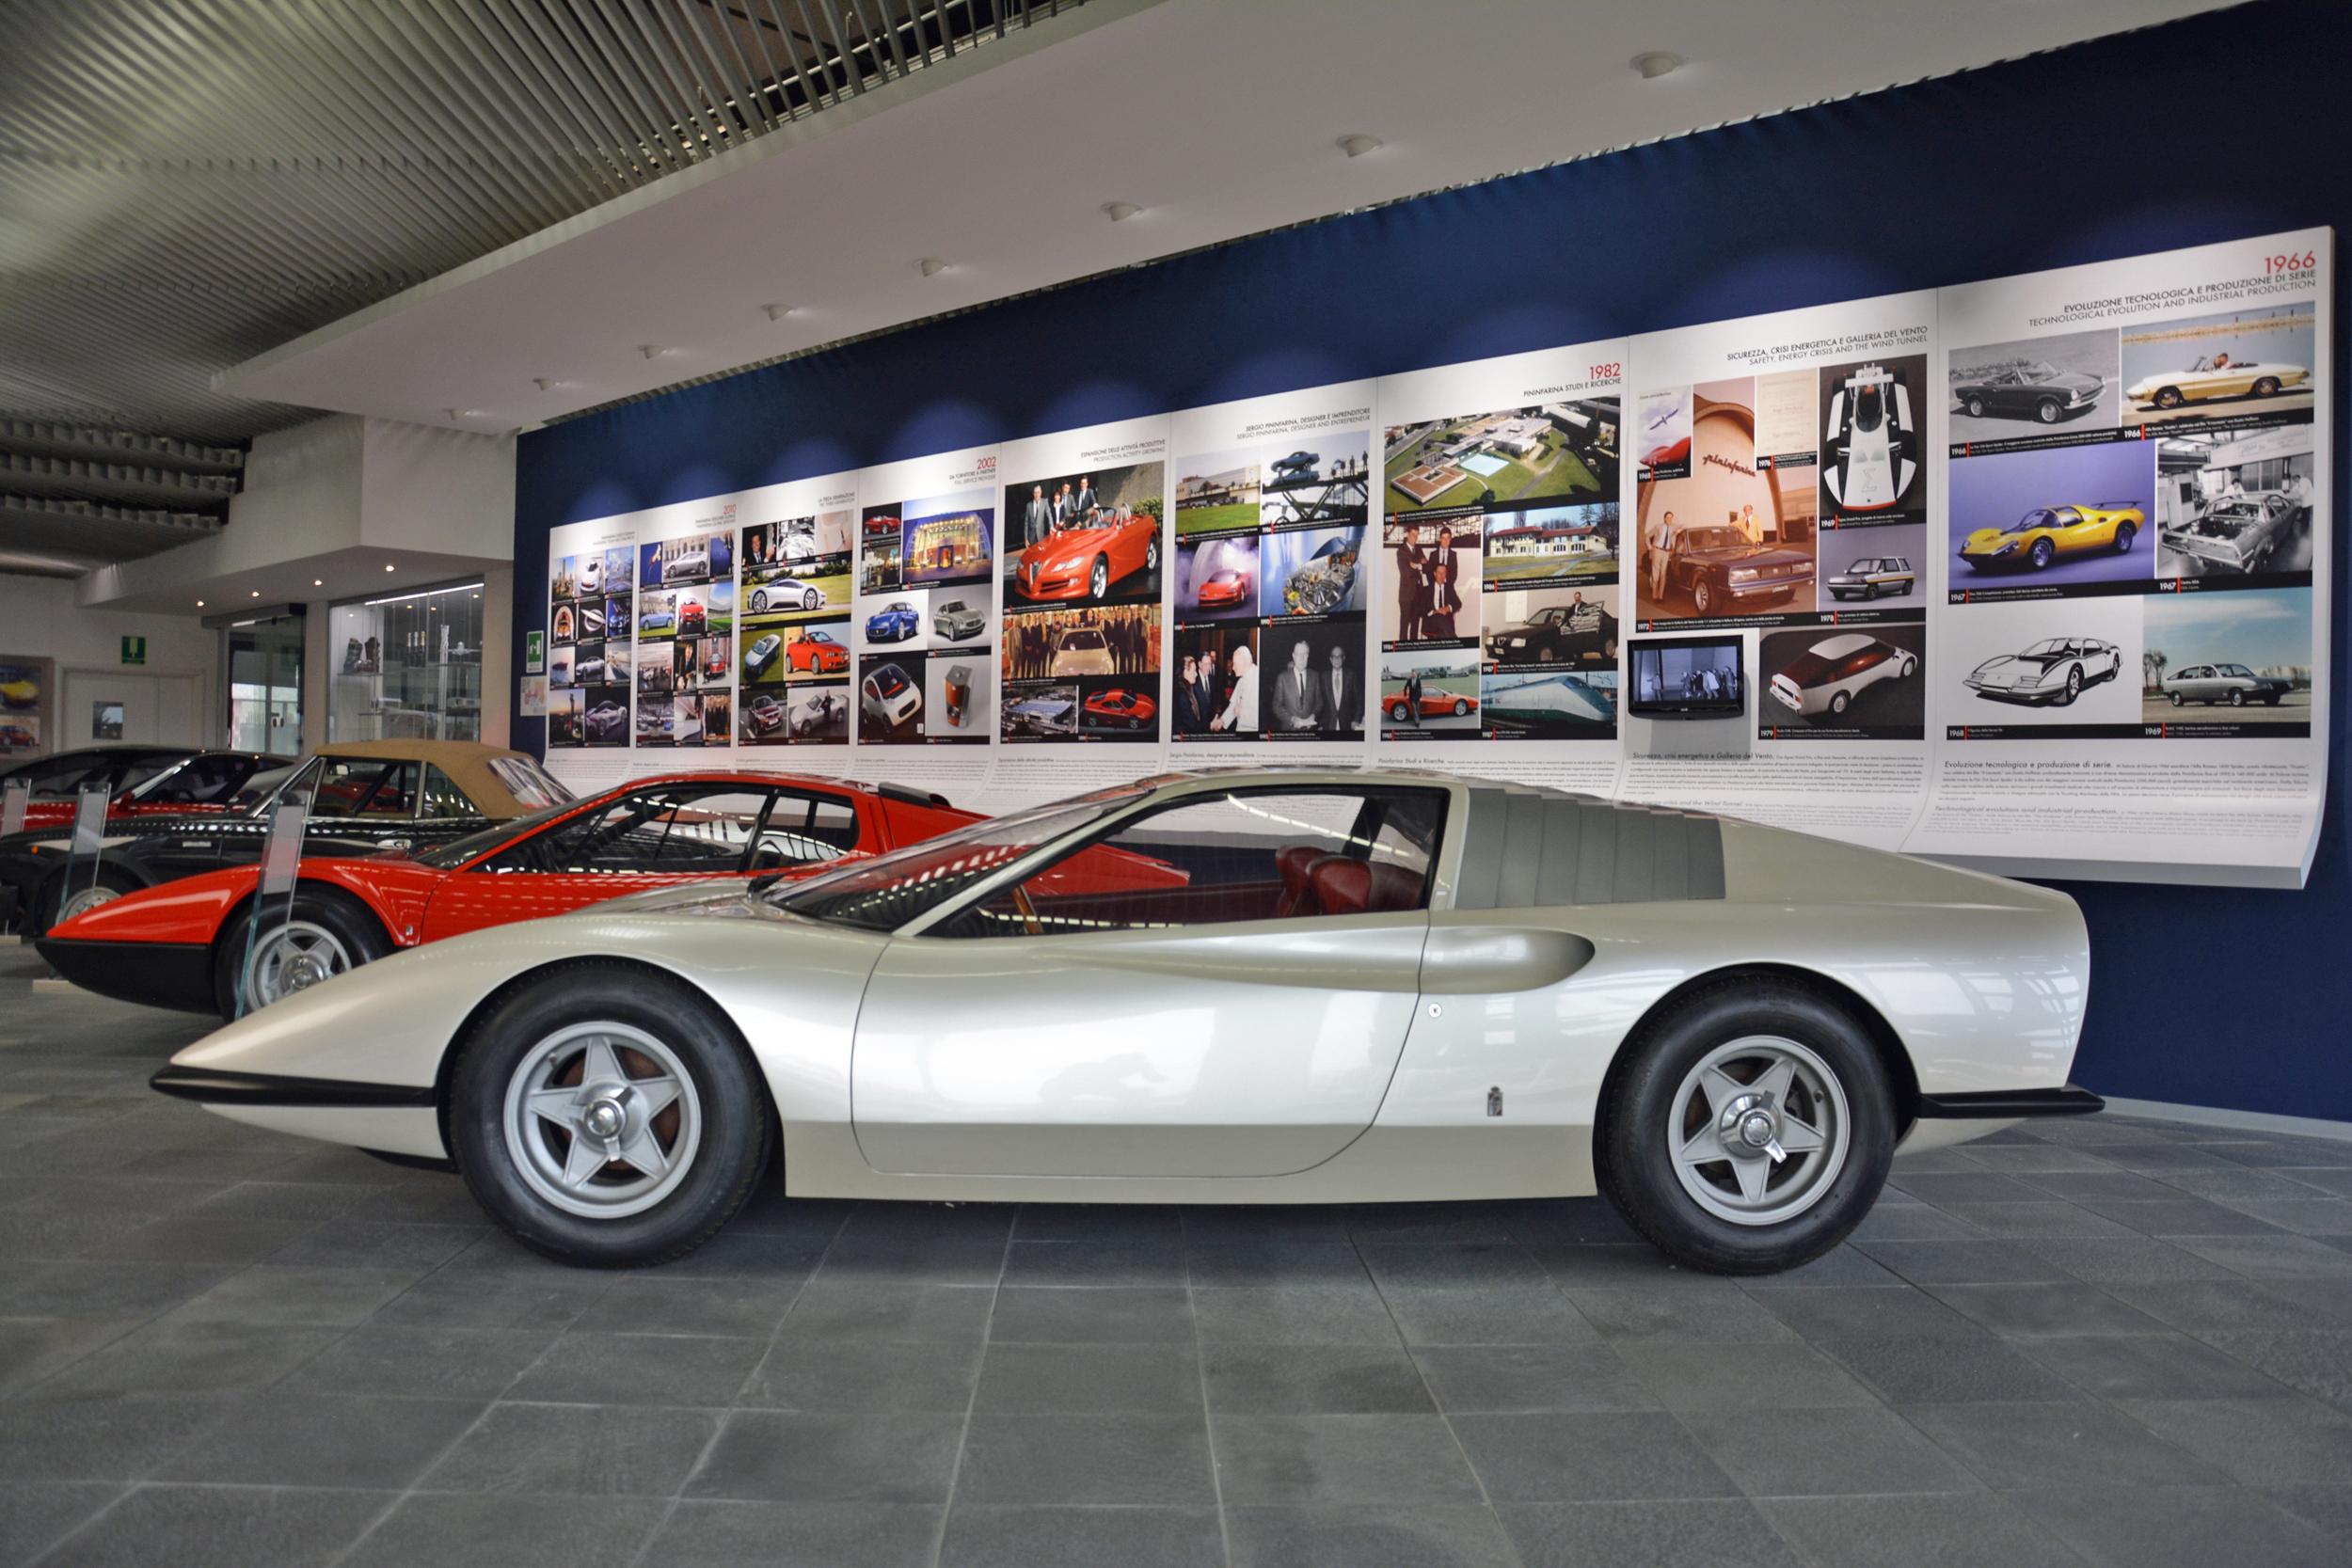 1968 ferrari p6 prototype driver side profile